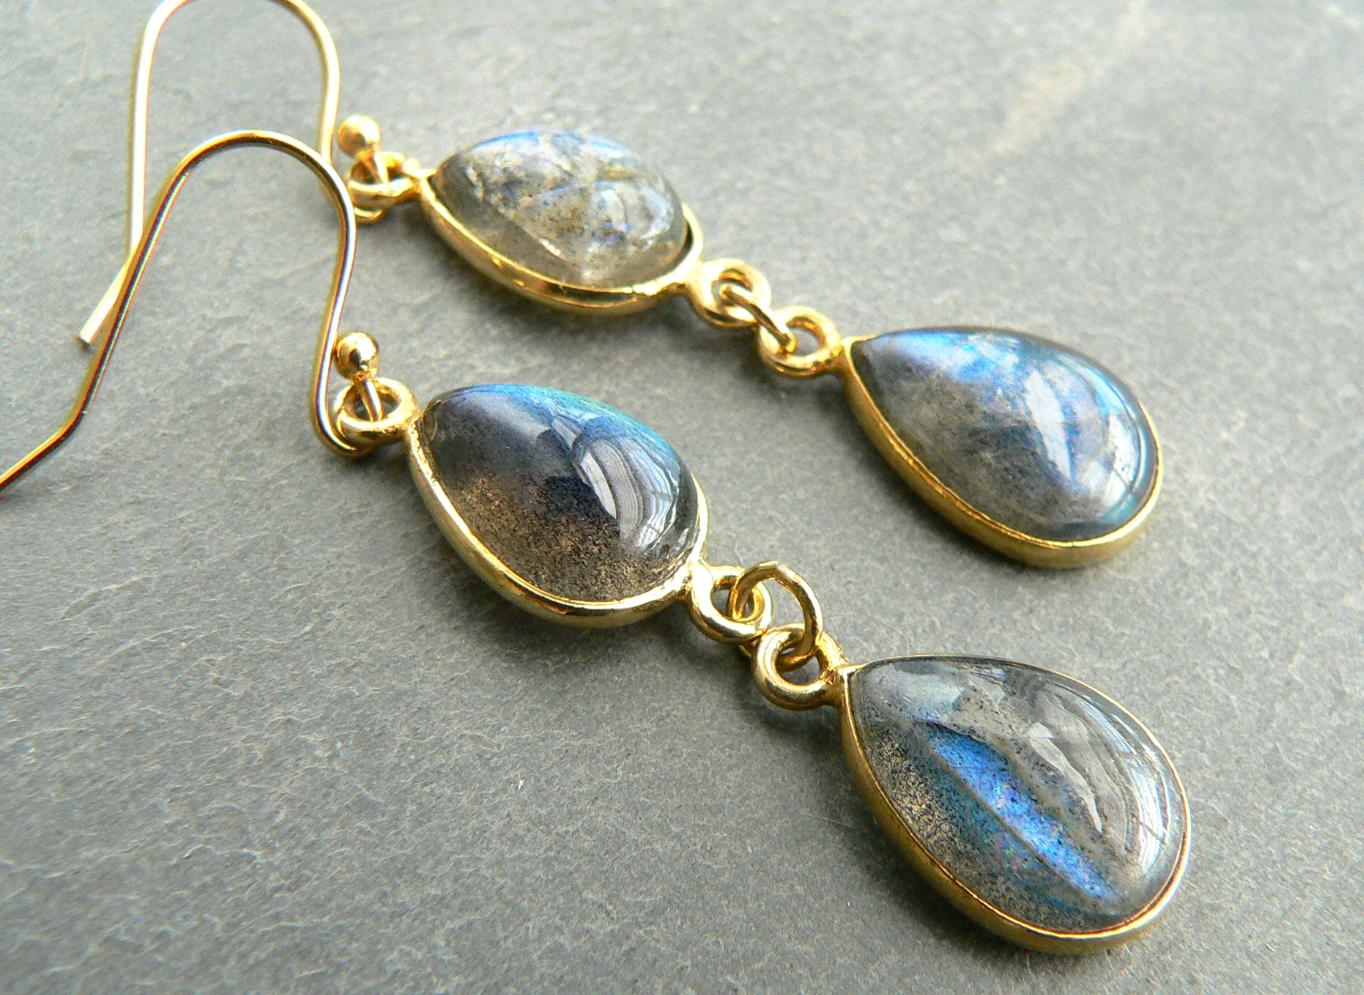 BLUE LABRADORITE EARRINGS